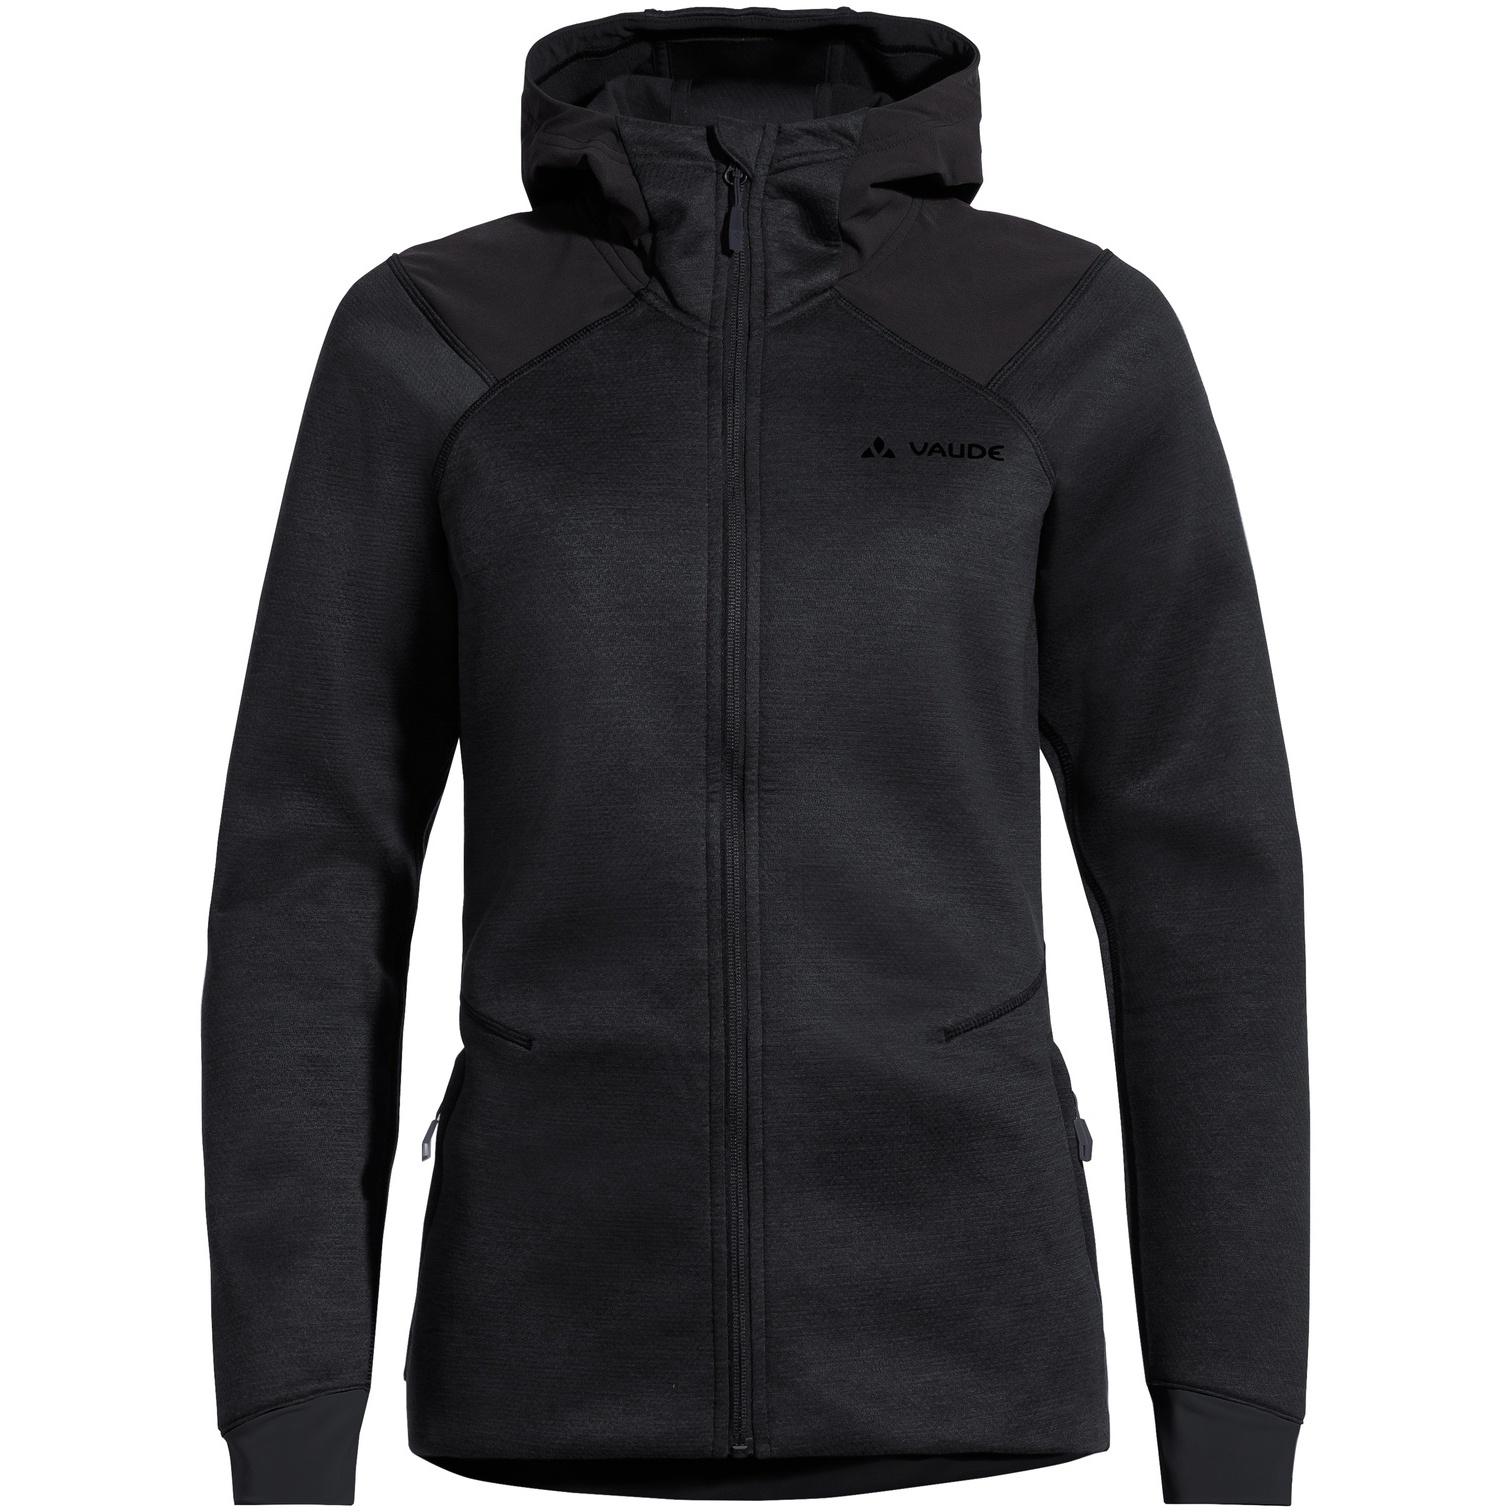 Vaude Women's Minaki Hooded Jacket - black